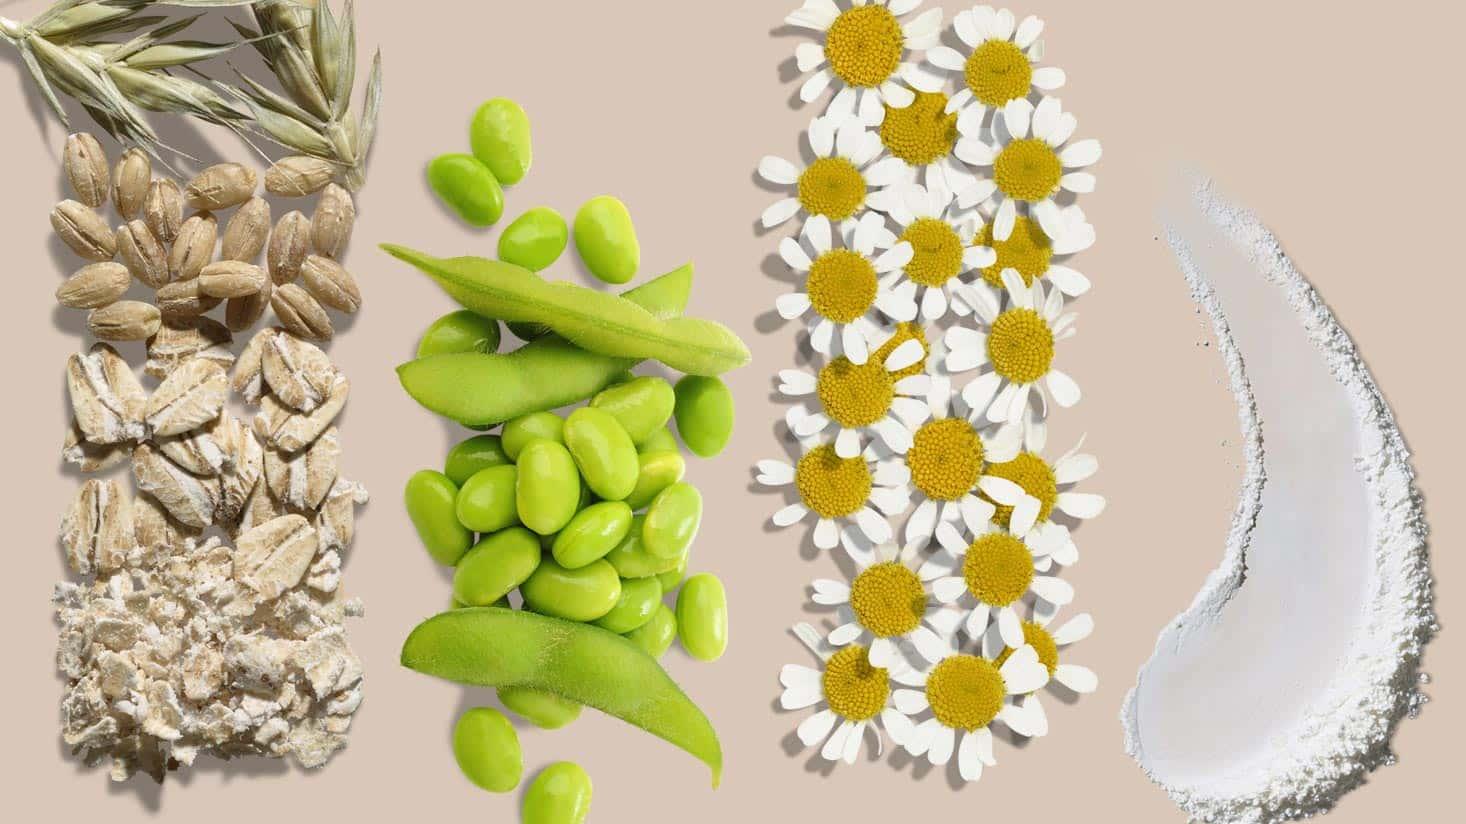 Ingrédients naturels d'AVEENO® pour les soins de la peau